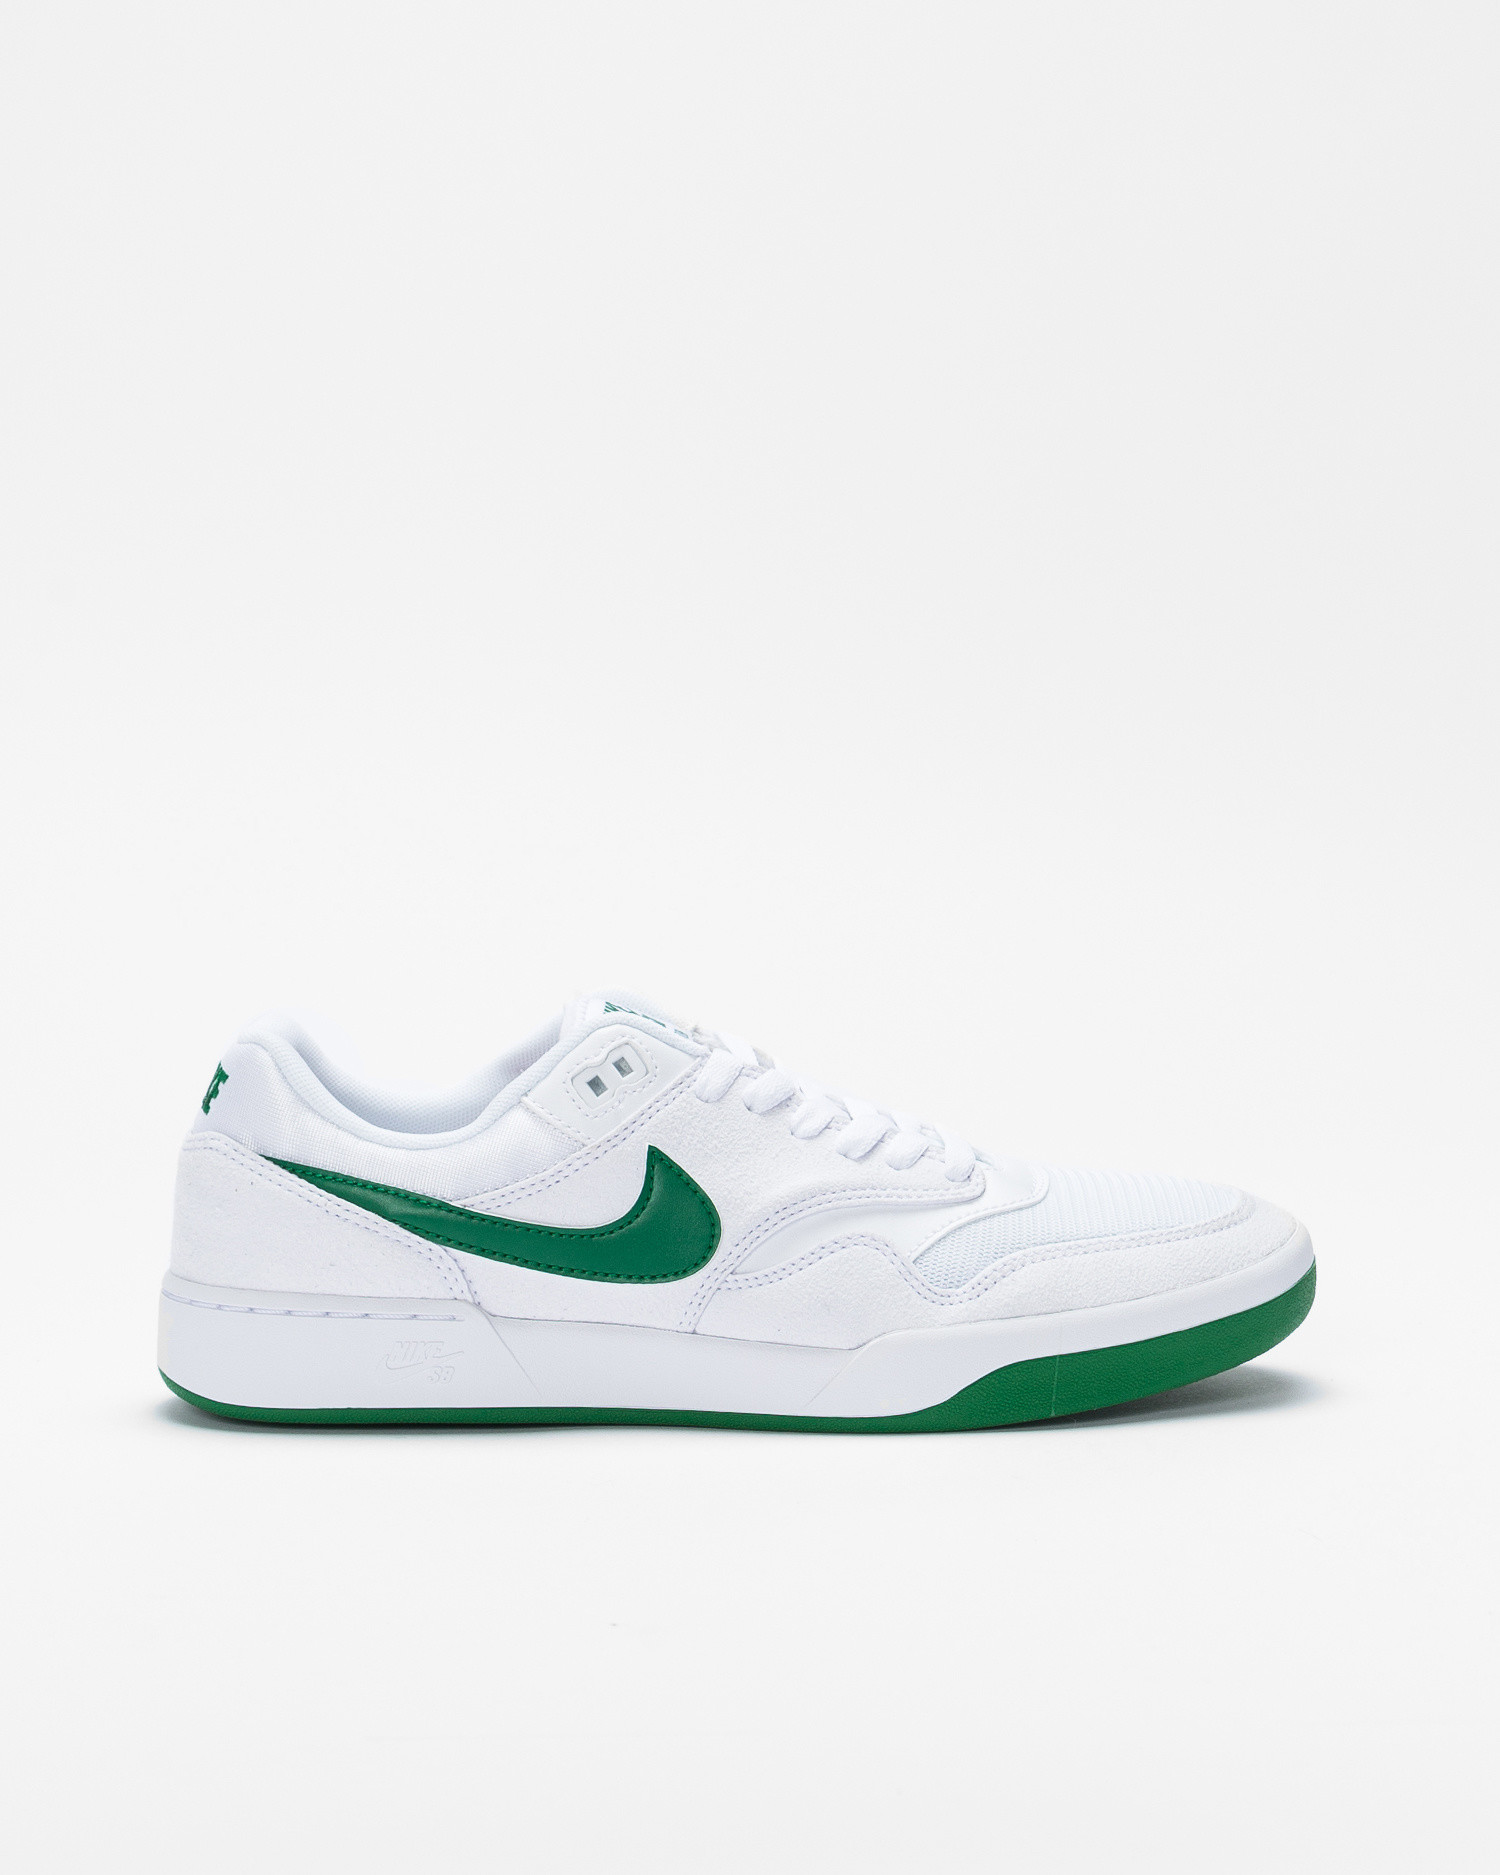 Nike SB Gts Return White/pine green